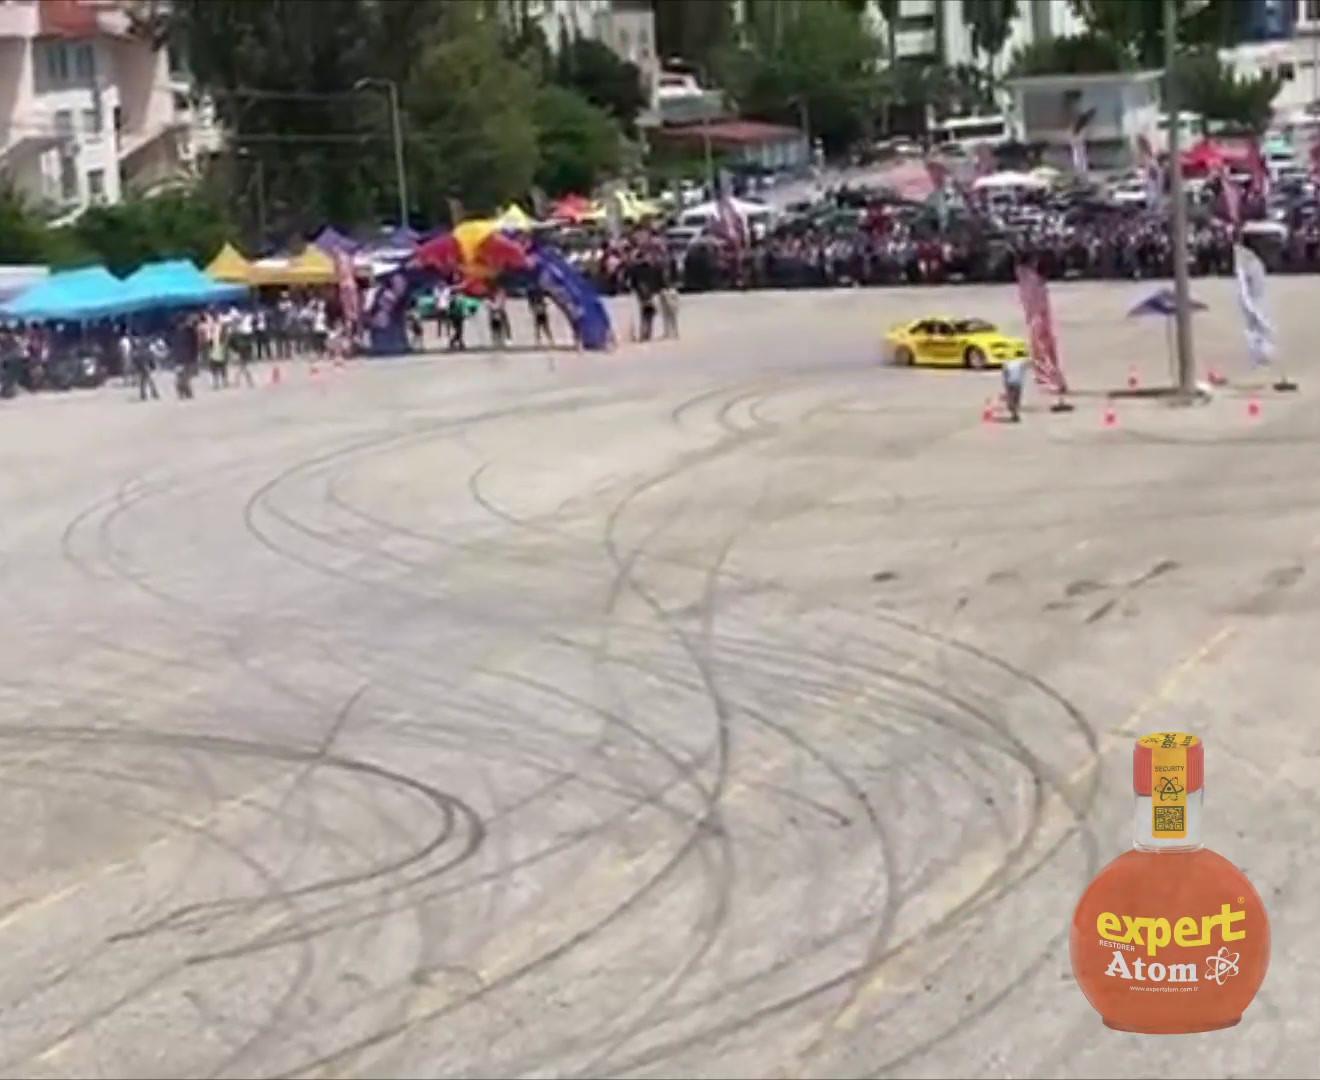 Expert Atom - Antalya 5. Kemer Otomobil Festivali Ana Sponsoru